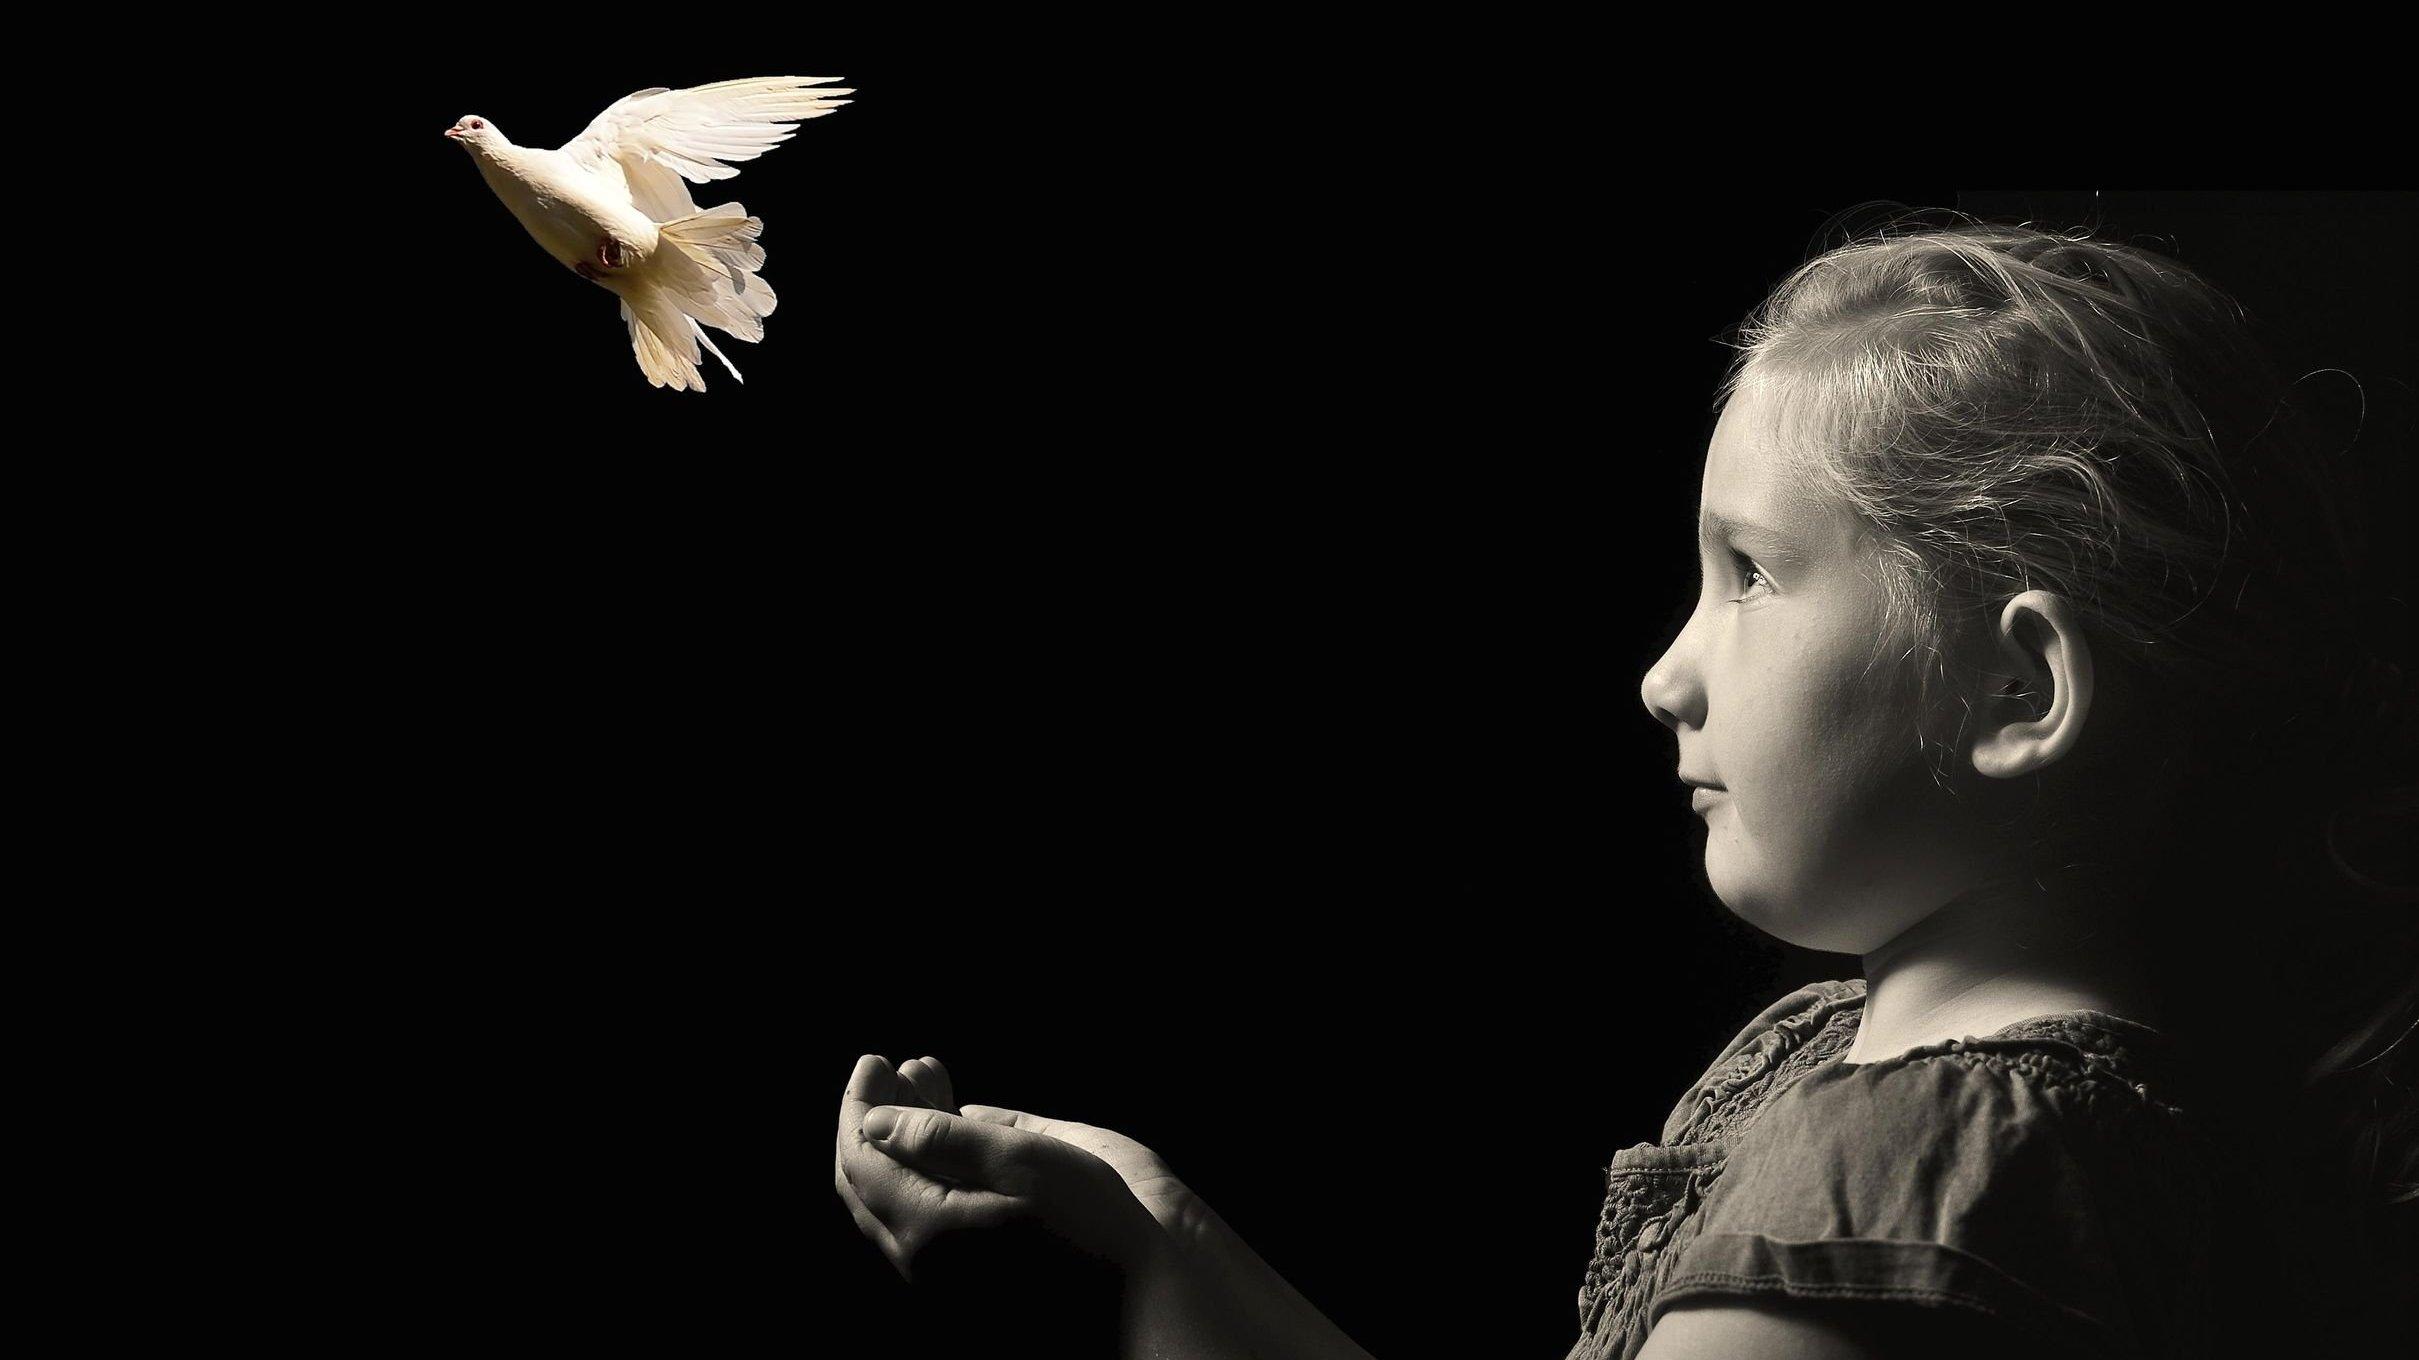 Menina soltando pomba branca que voa em sua frente.